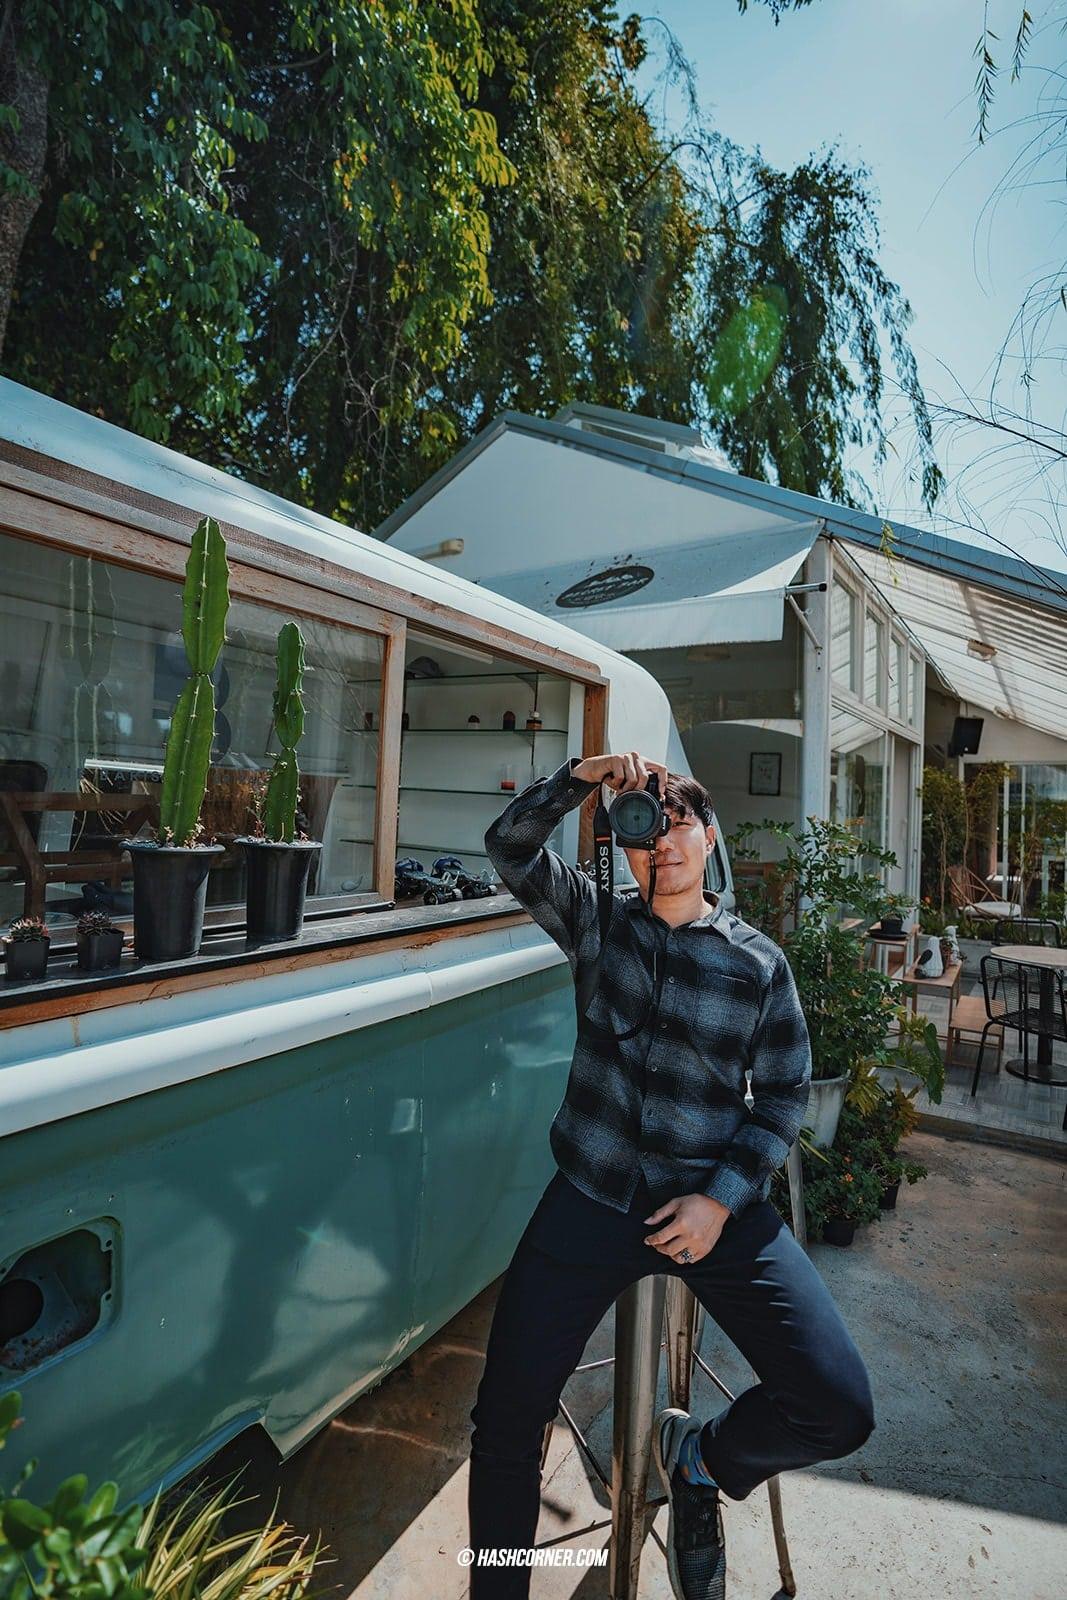 รีวิว บางแสน x ชลบุรี เที่ยวชิลๆ เช้า-เย็นกลับ